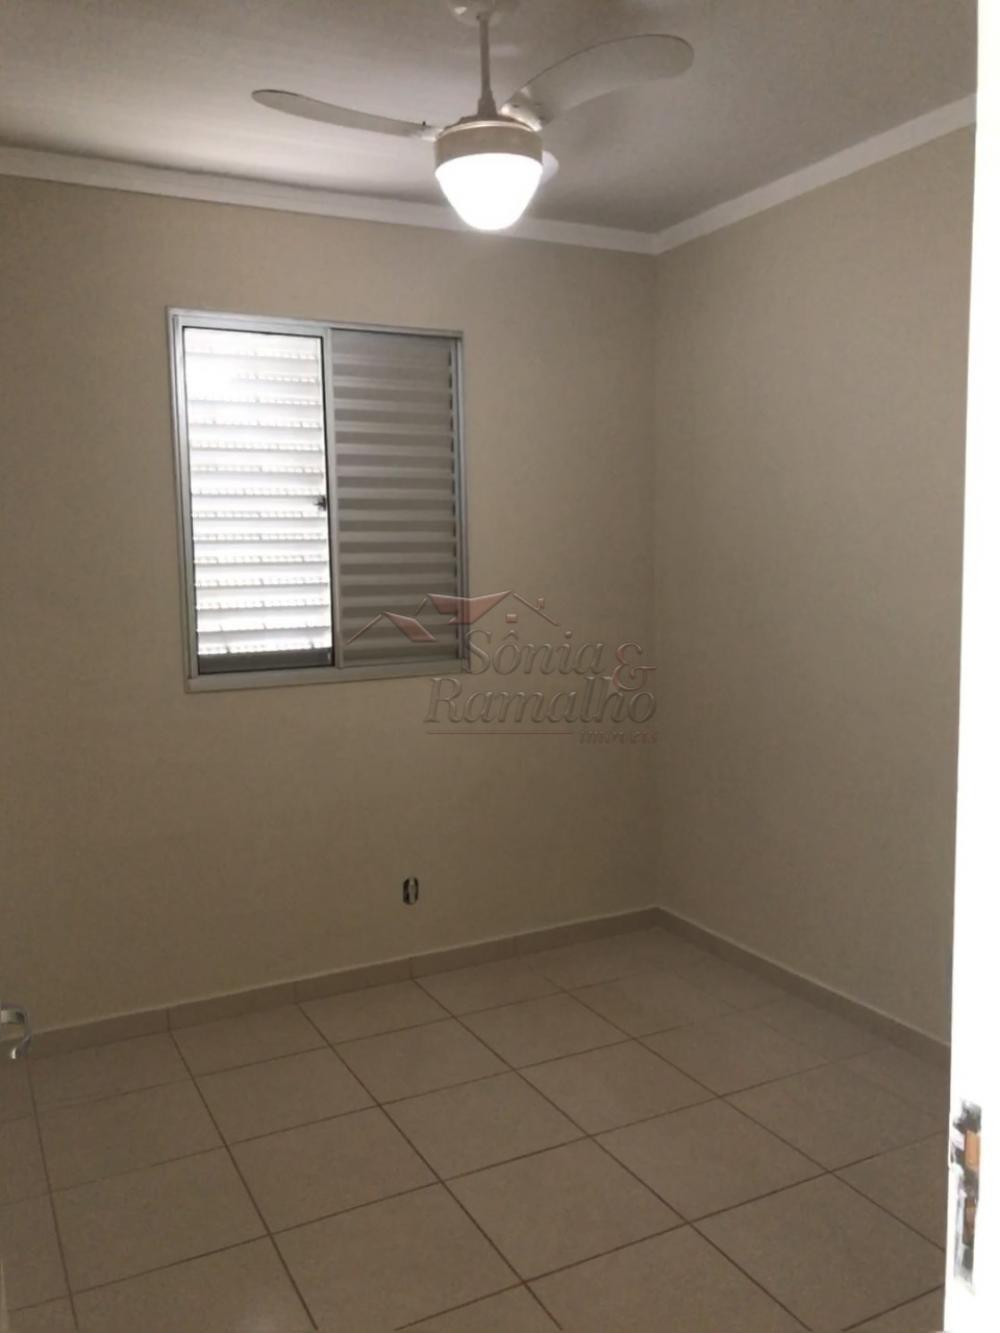 Comprar Apartamentos / Padrão em Ribeirão Preto apenas R$ 280.000,00 - Foto 13